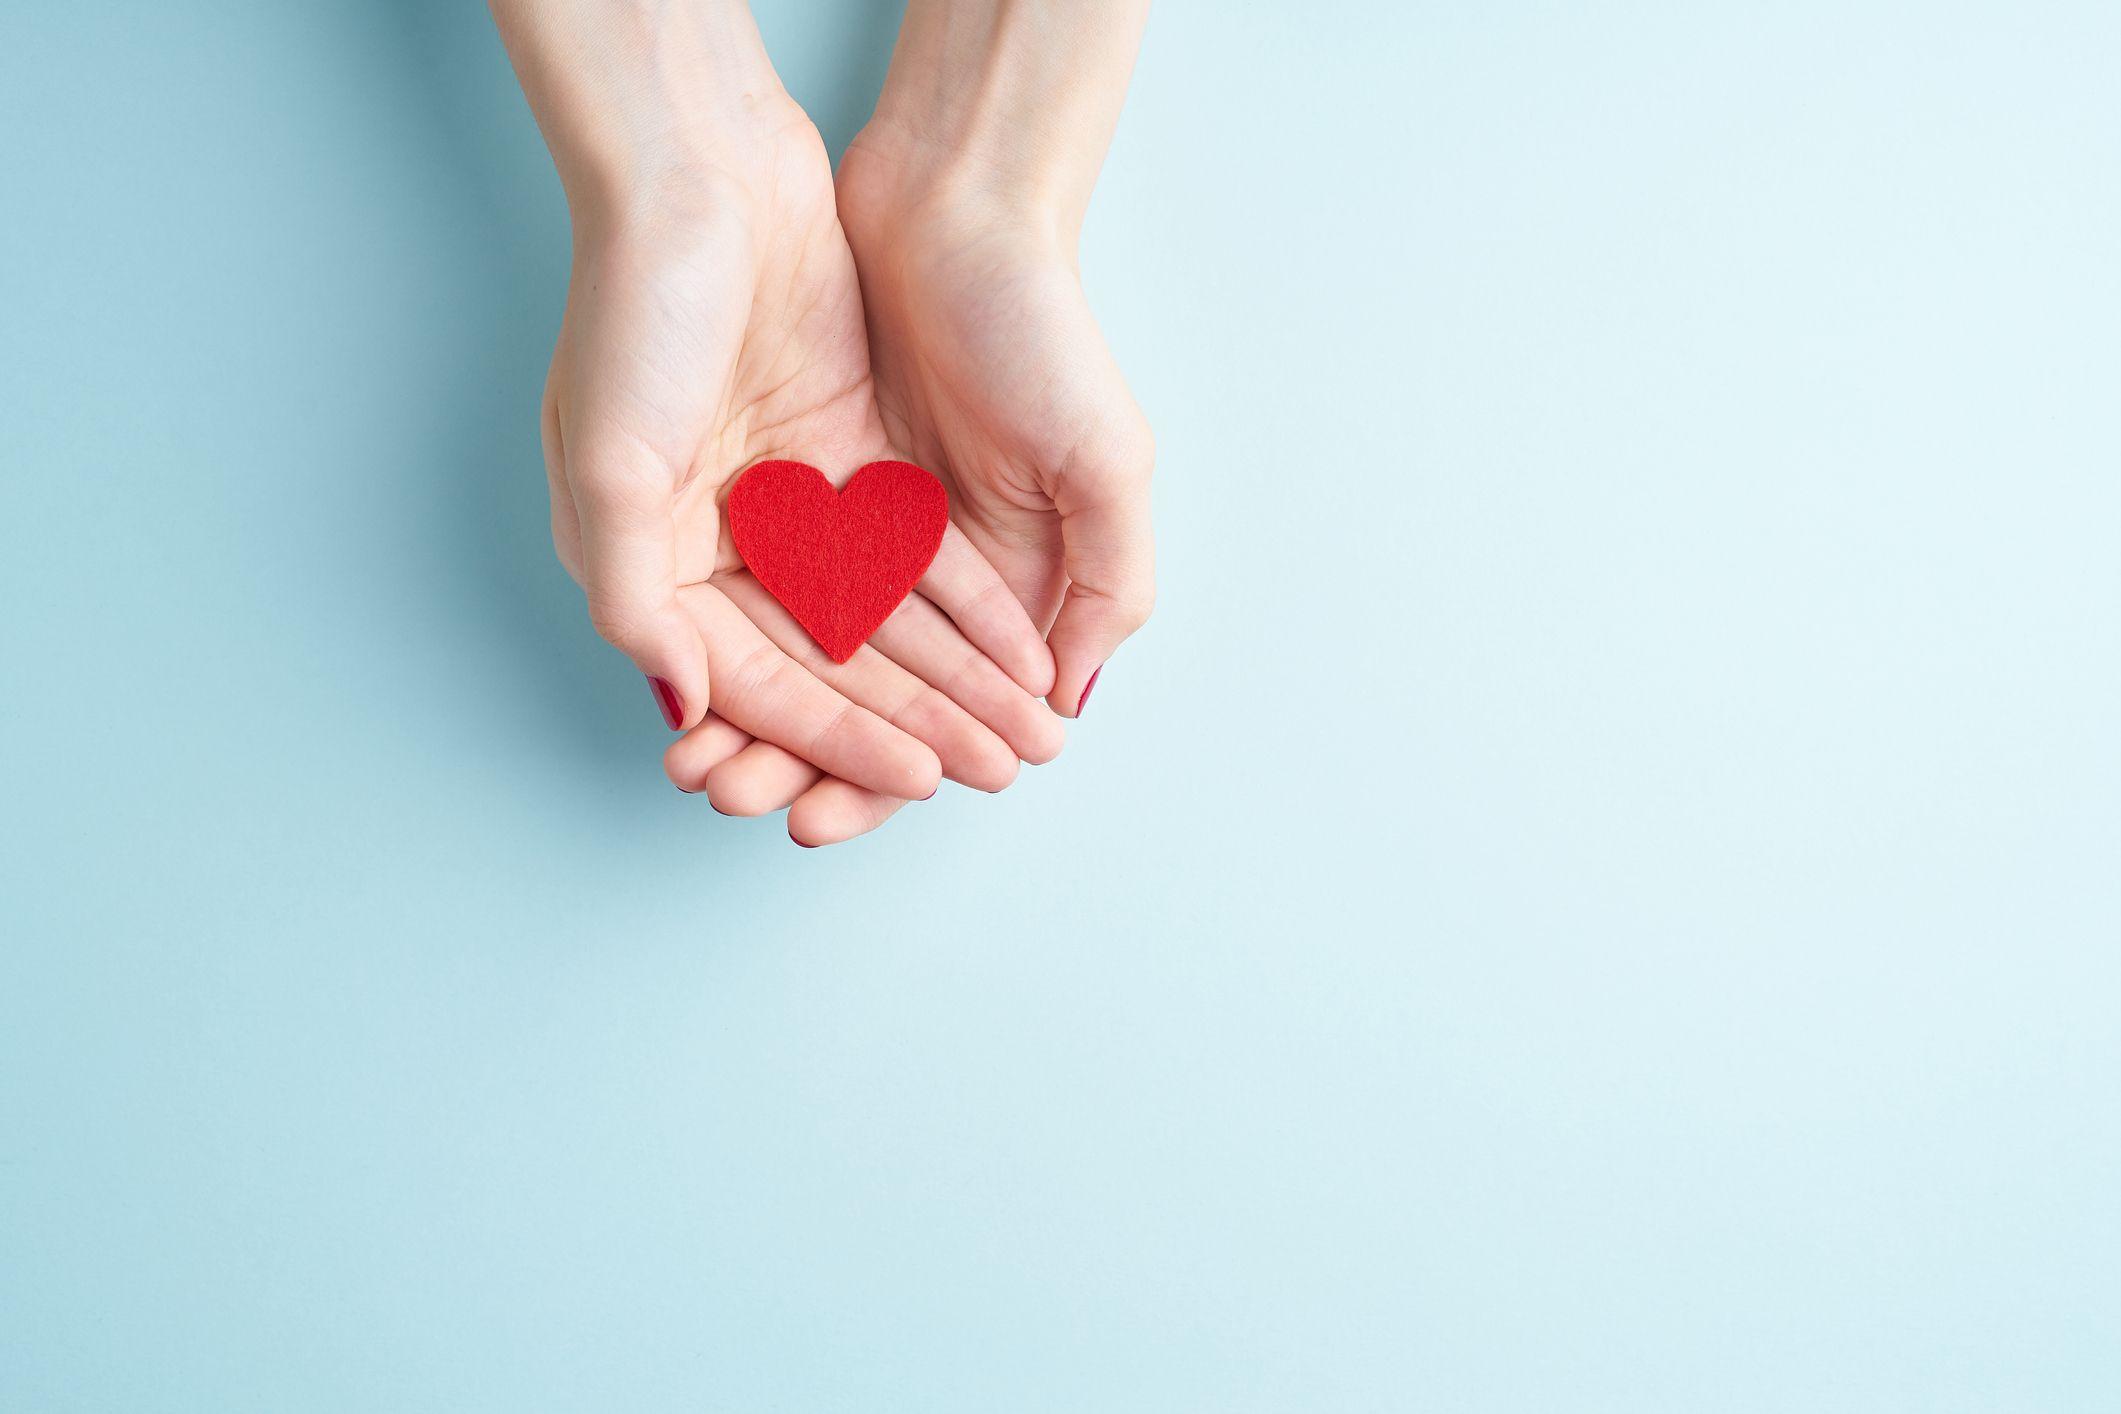 beskjærte hender av kvinne som holder hjerteform over blå bakgrunn